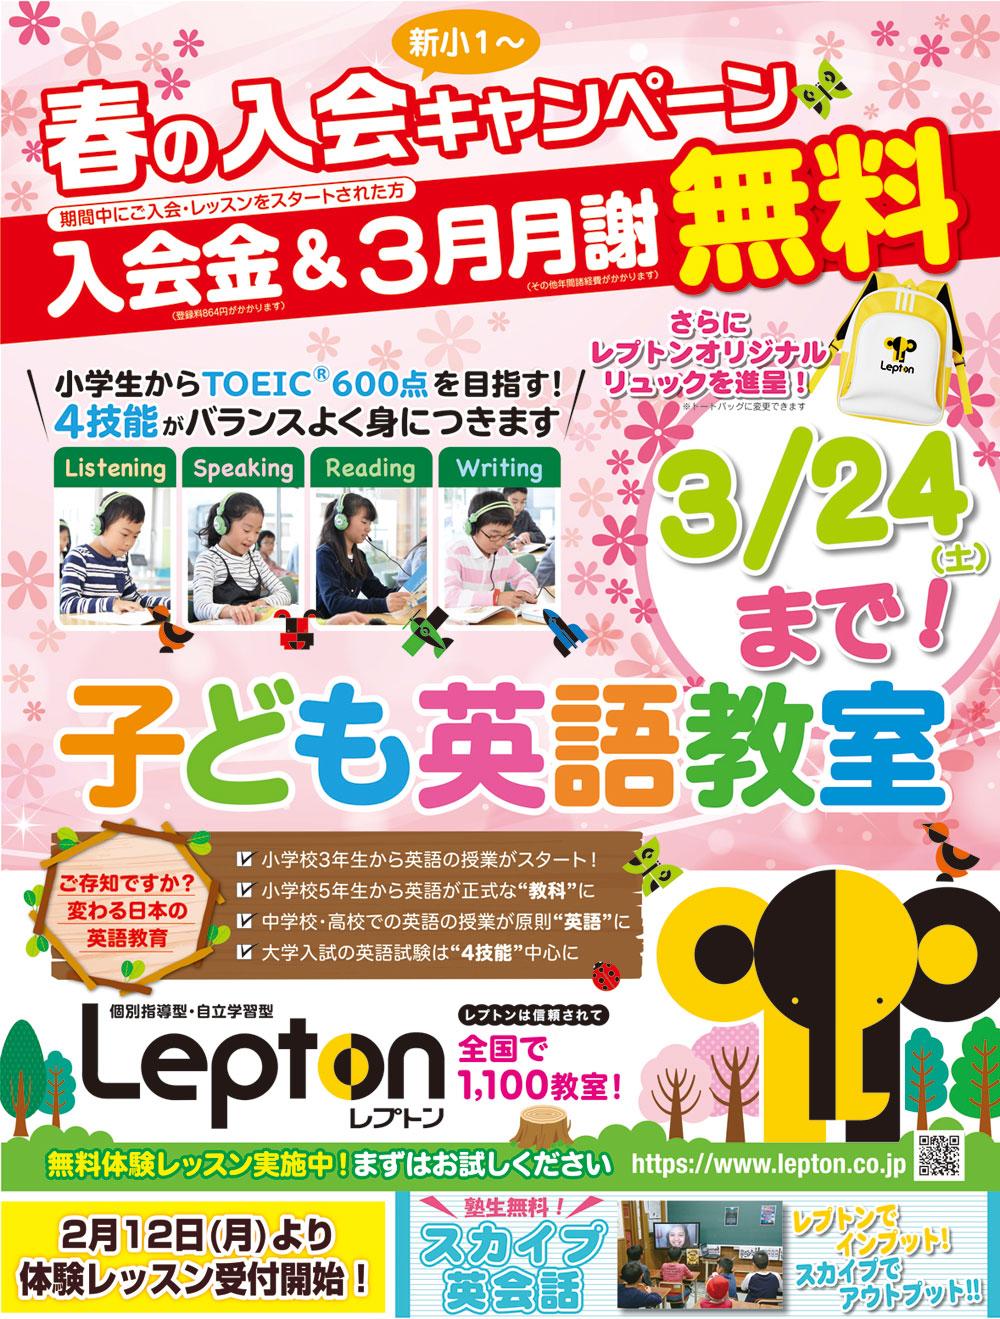 小学生英語Lepton春の入会キャンペーン実施中